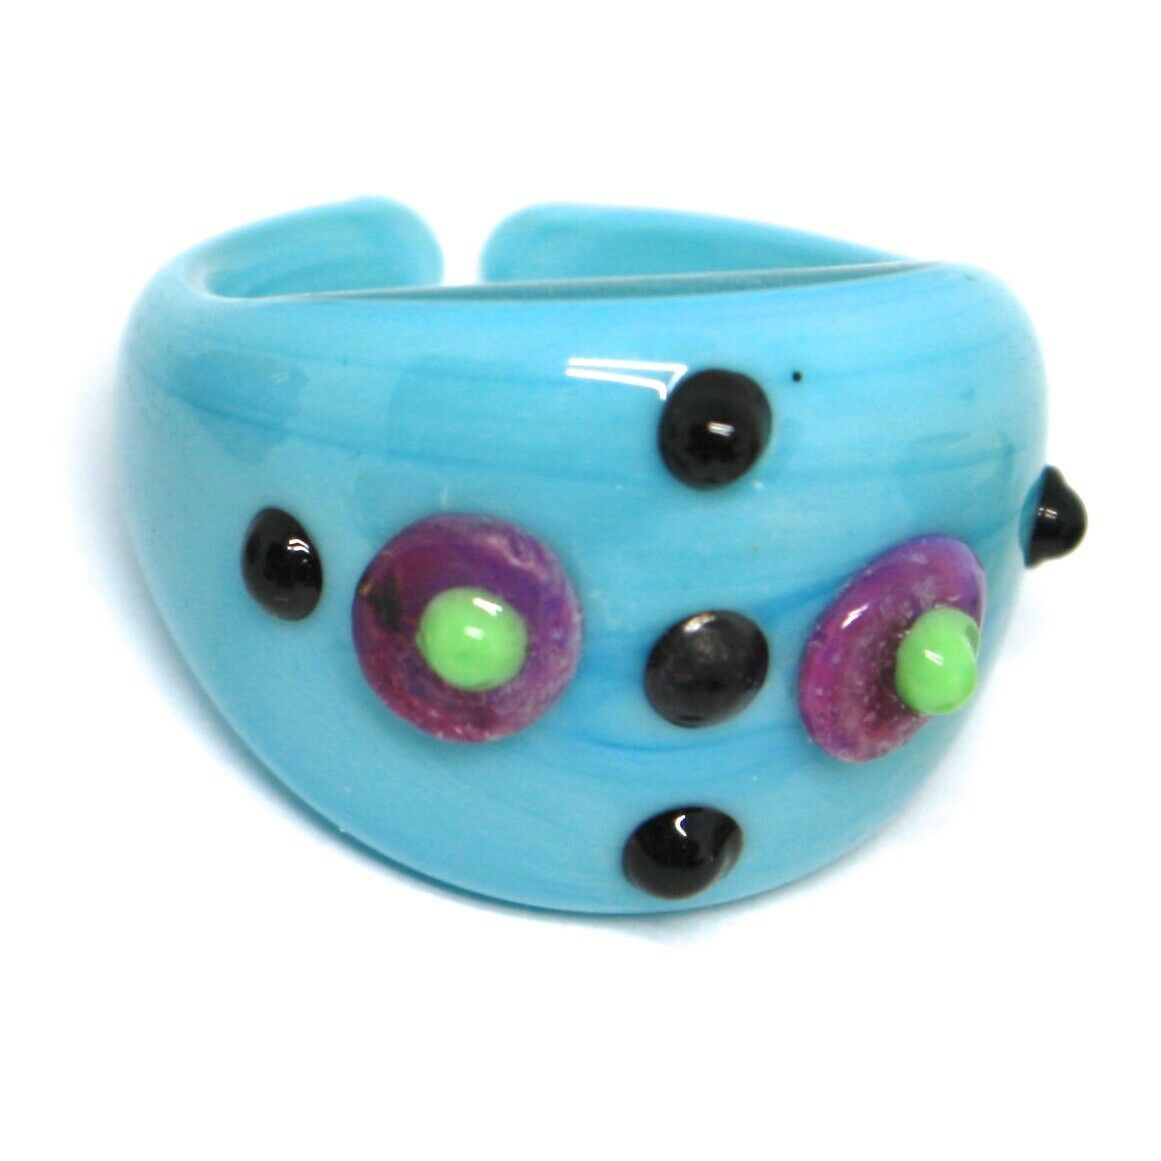 Ring Antica Murrina, Murano Glass, Light Blue, Vented, Polka dot Embossed